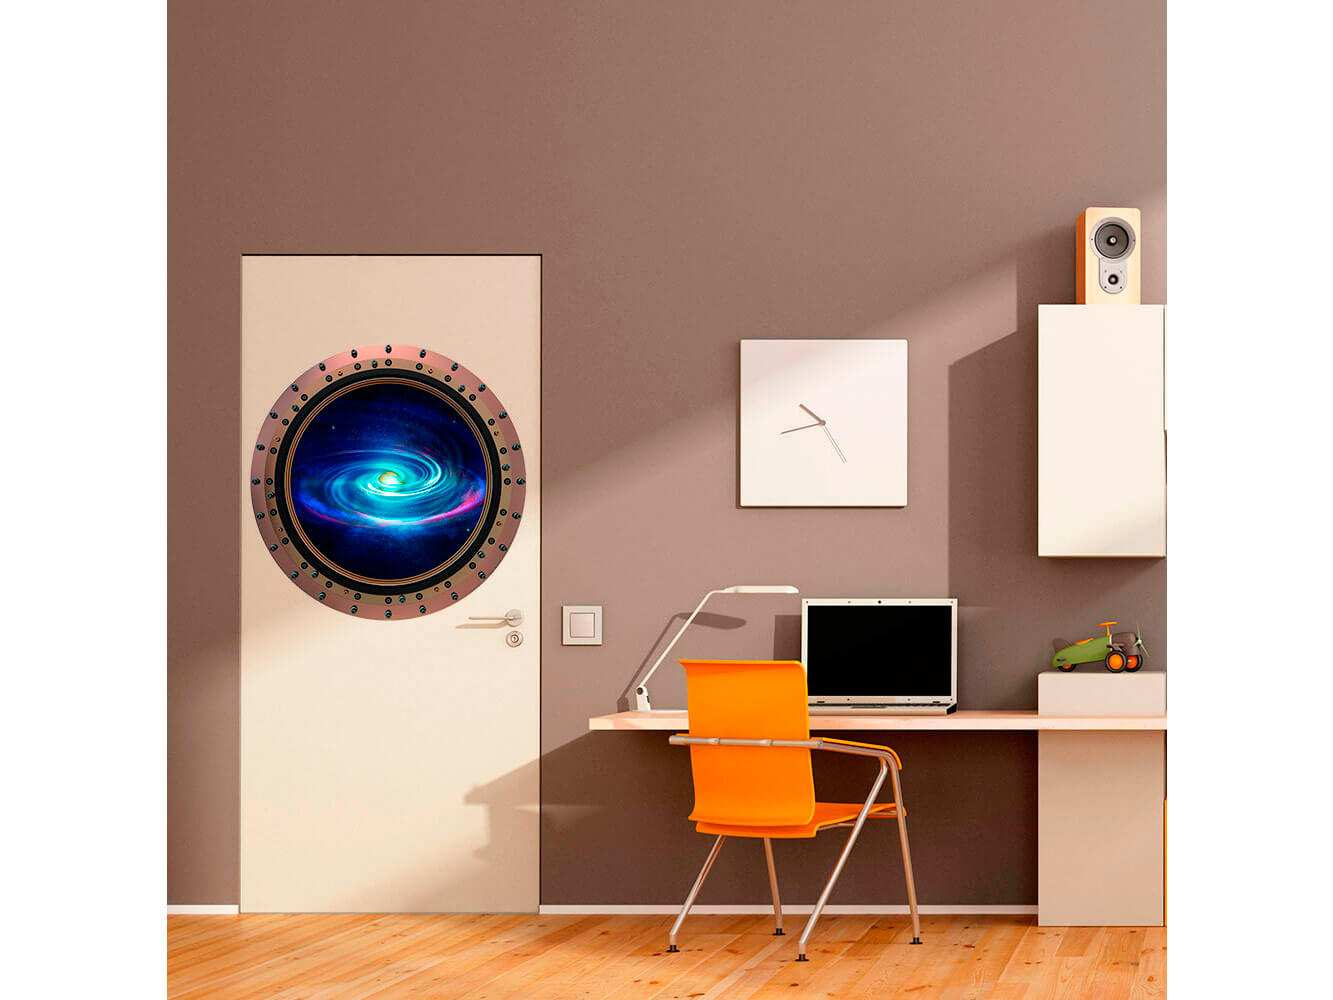 Vinilo Decorativo Puerta Galaxia Azul | Carteles XXL - Impresión carteleria publicitaria